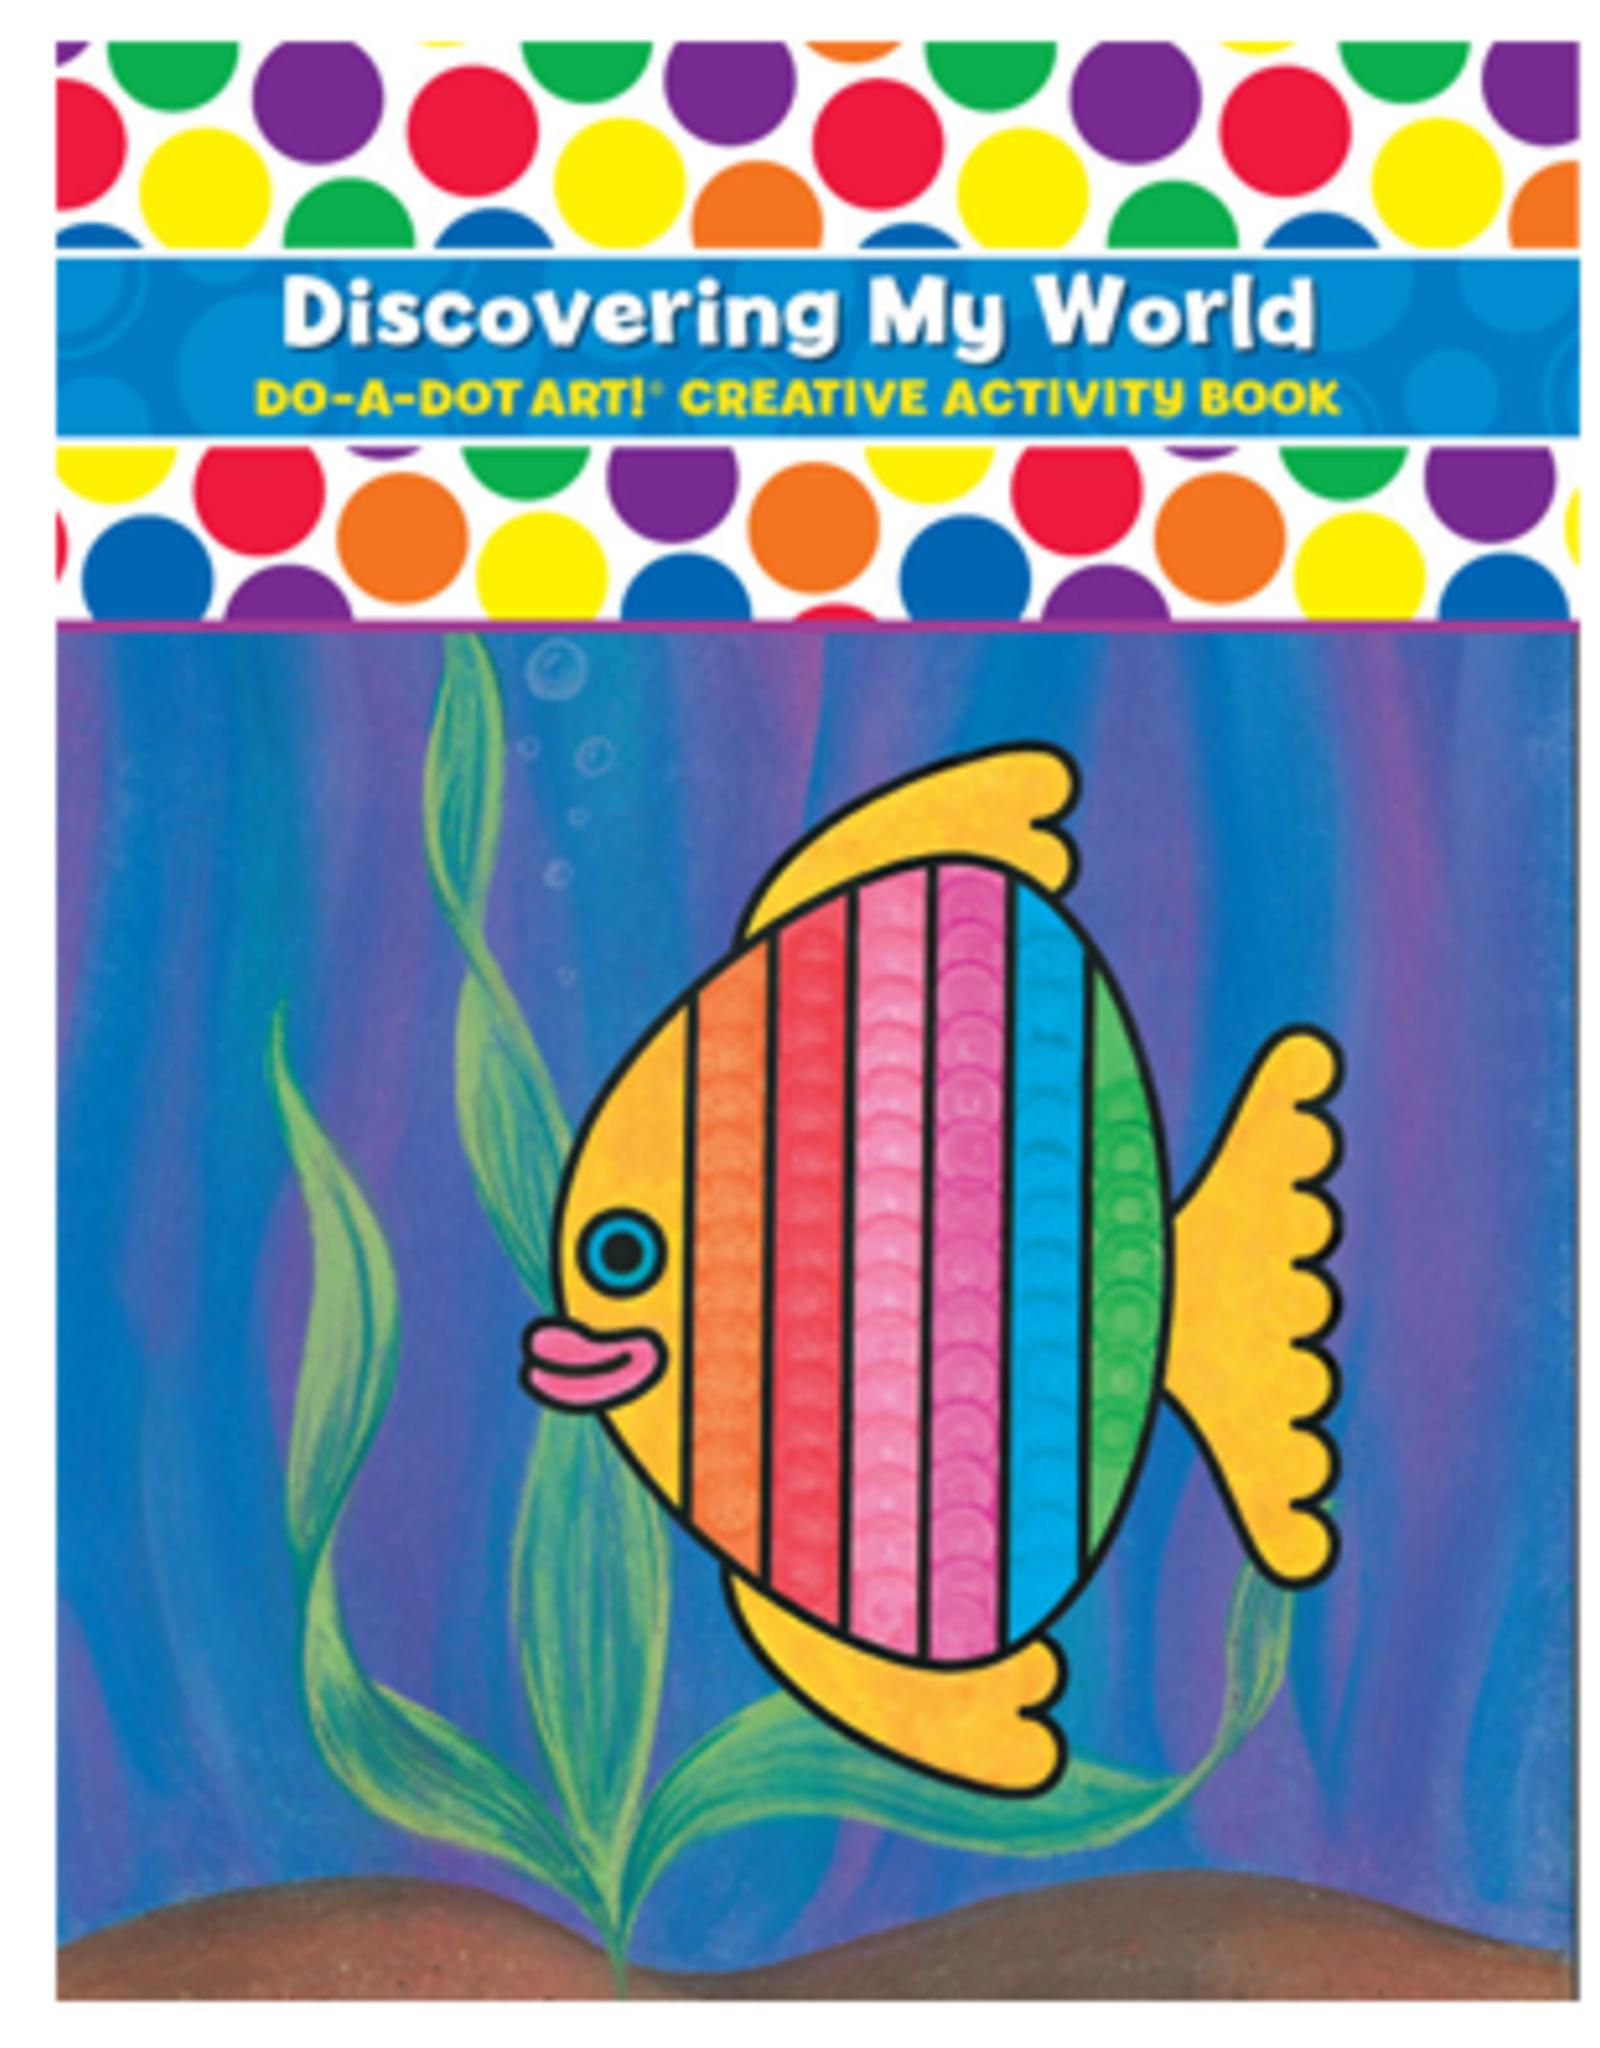 Do A Dot Art Do-A-Dot Book - Discovering My World